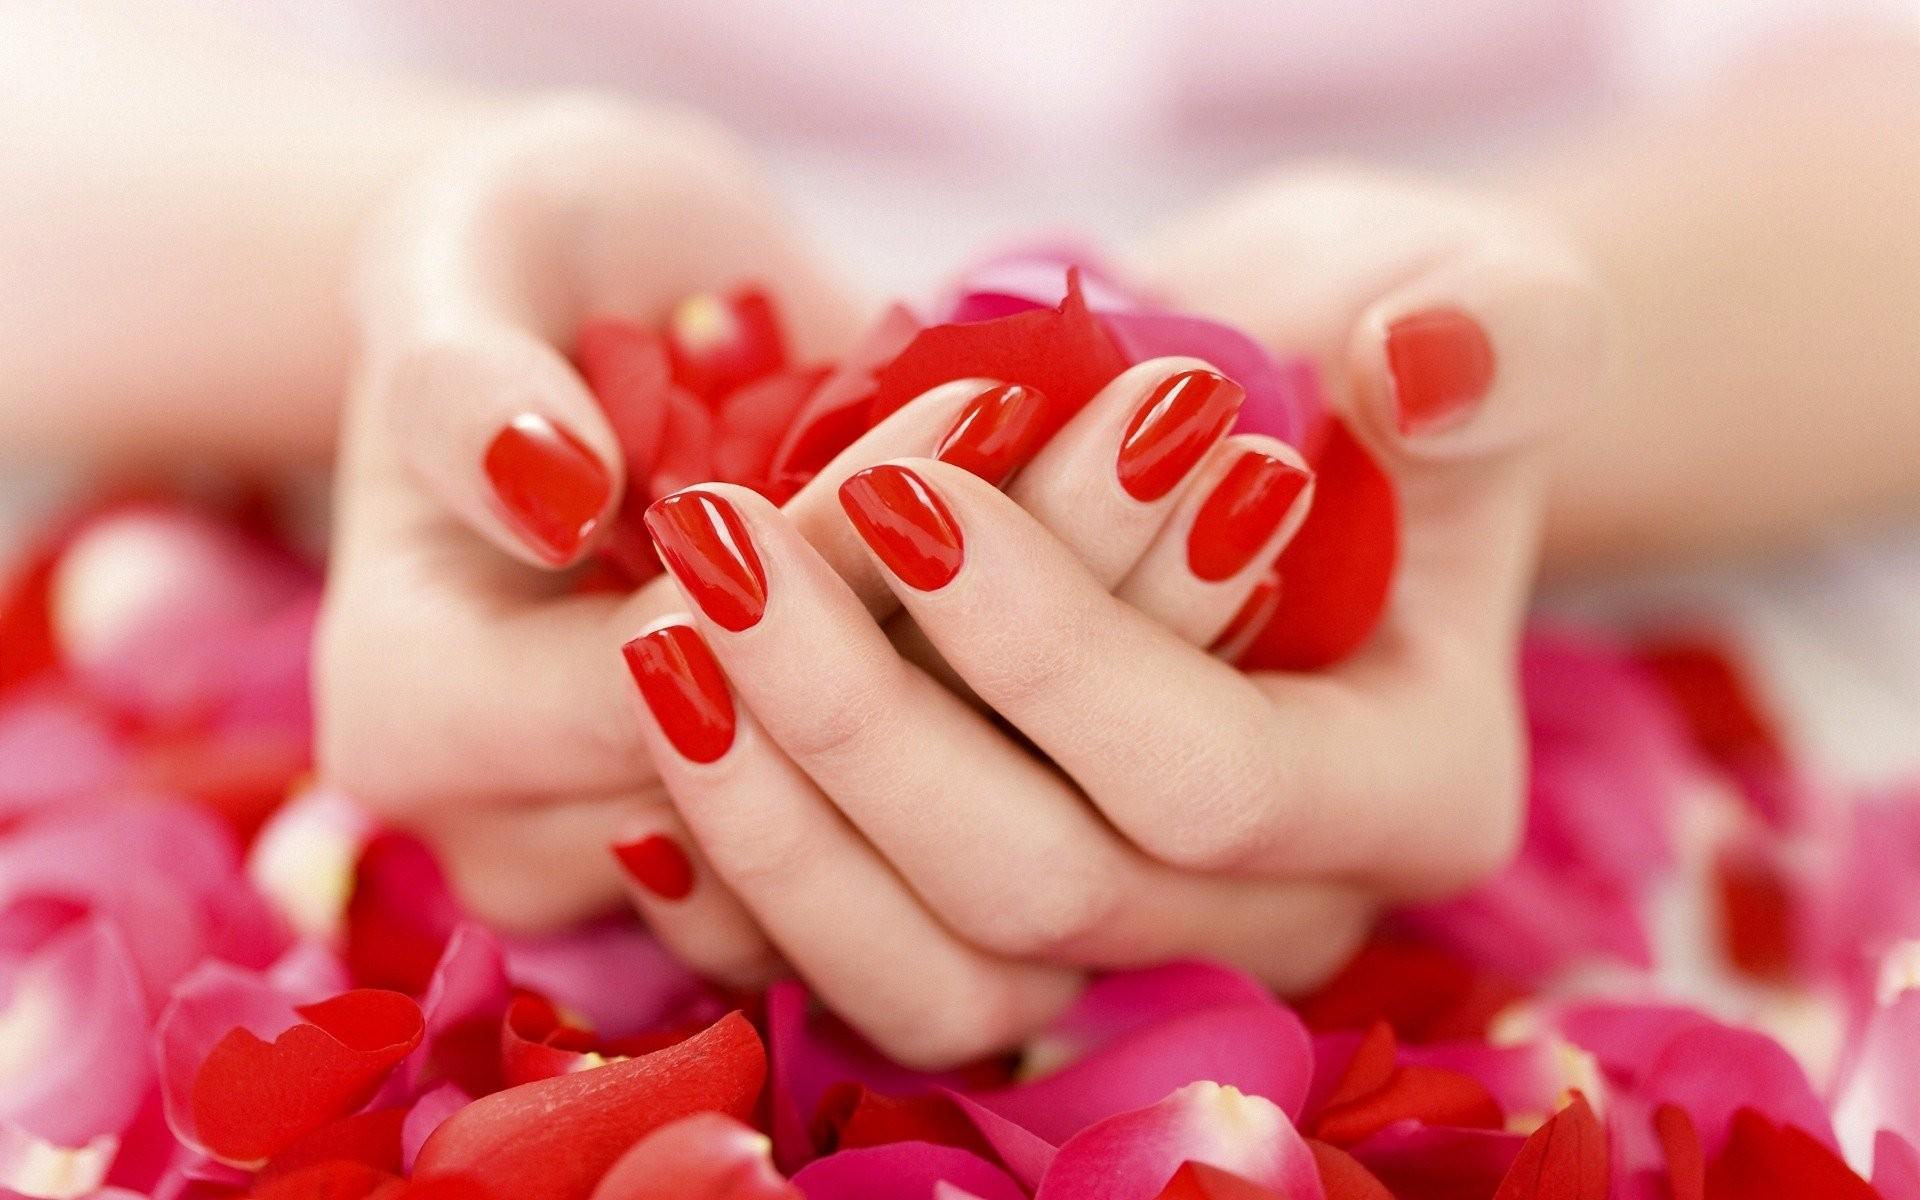 Uñas rojas y pétalos de rosas - 1920x1200